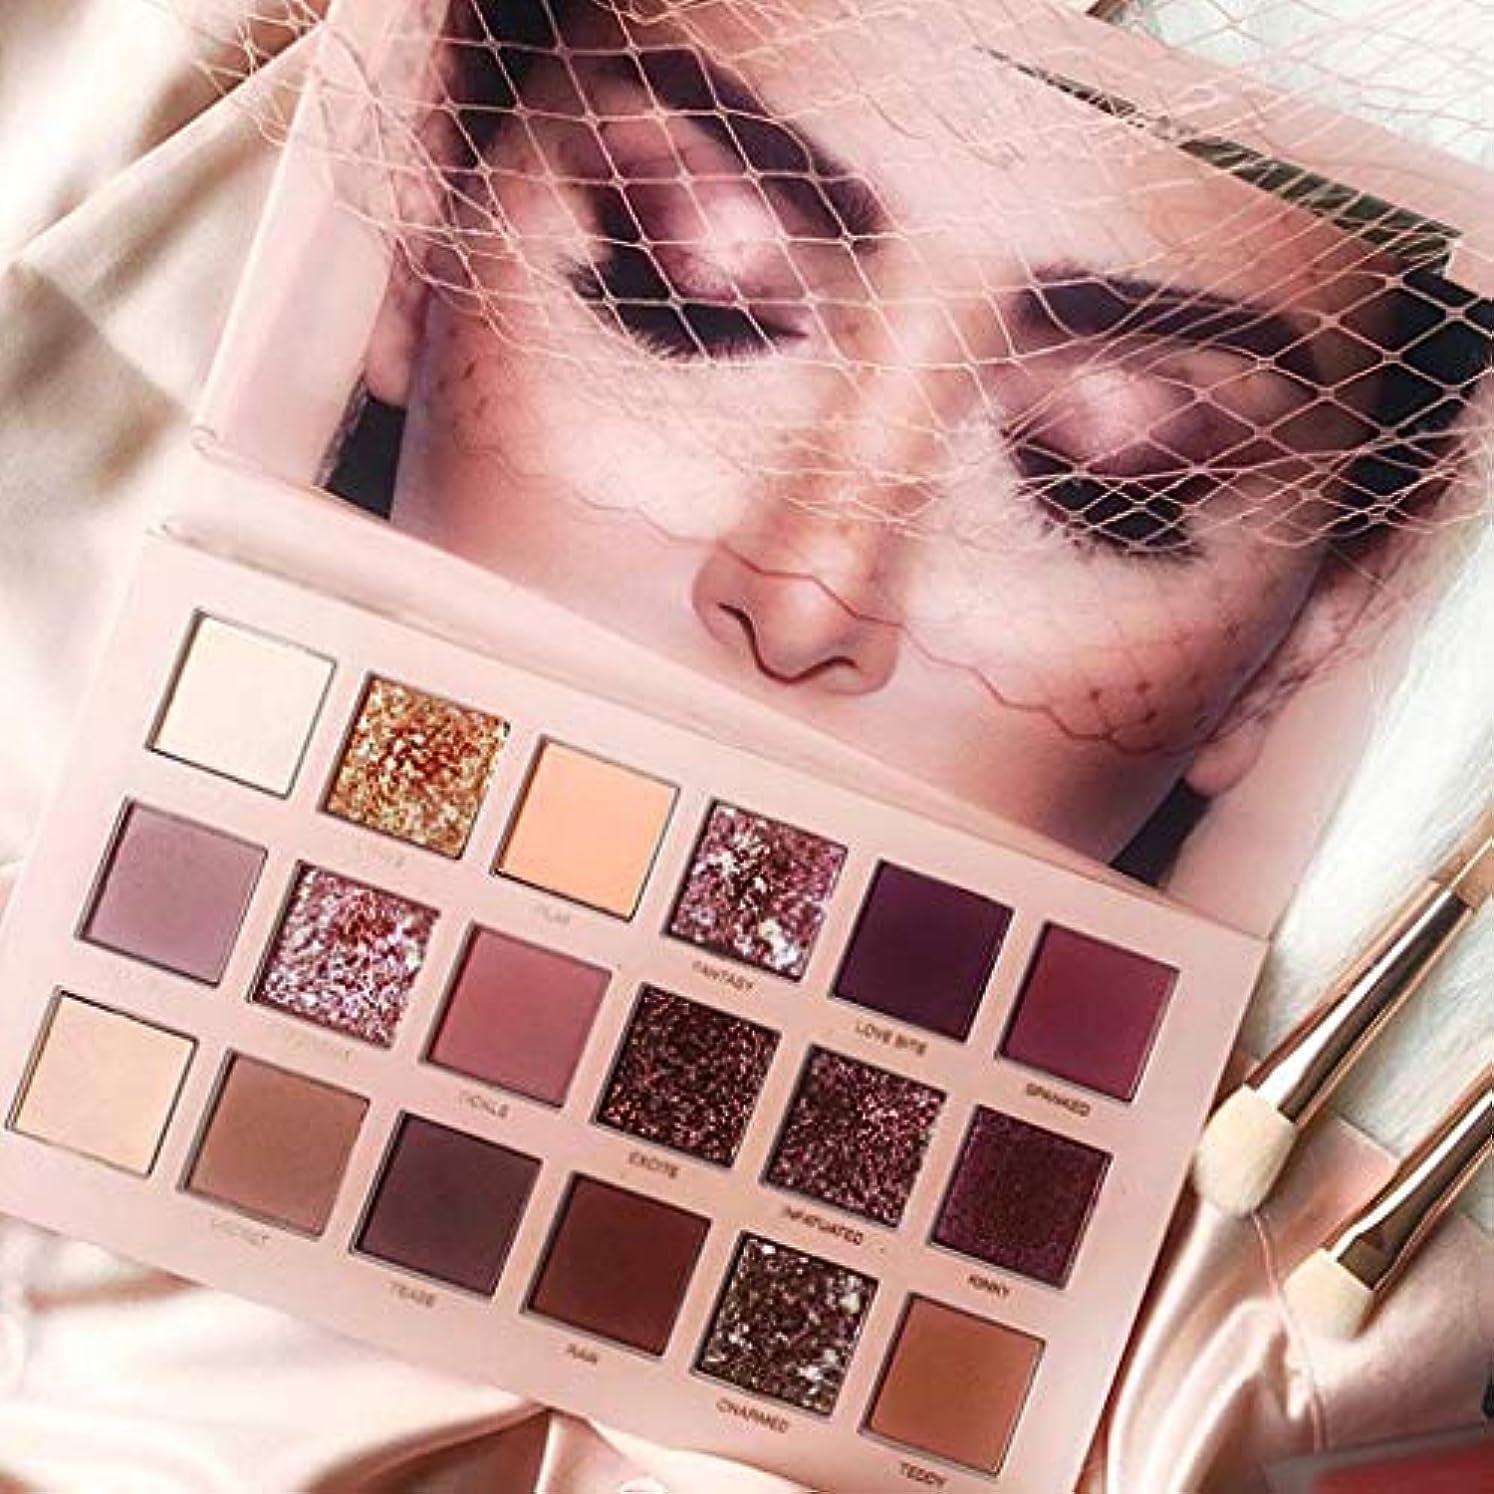 前部識別する驚くべきAkane アイシャドウパレット 砂漠バラ ファッション 人気 超魅力的 綺麗 真珠光沢 マット 長持ち チャーム INS おしゃれ 持ち便利 Eye Shadow (18色) 4083